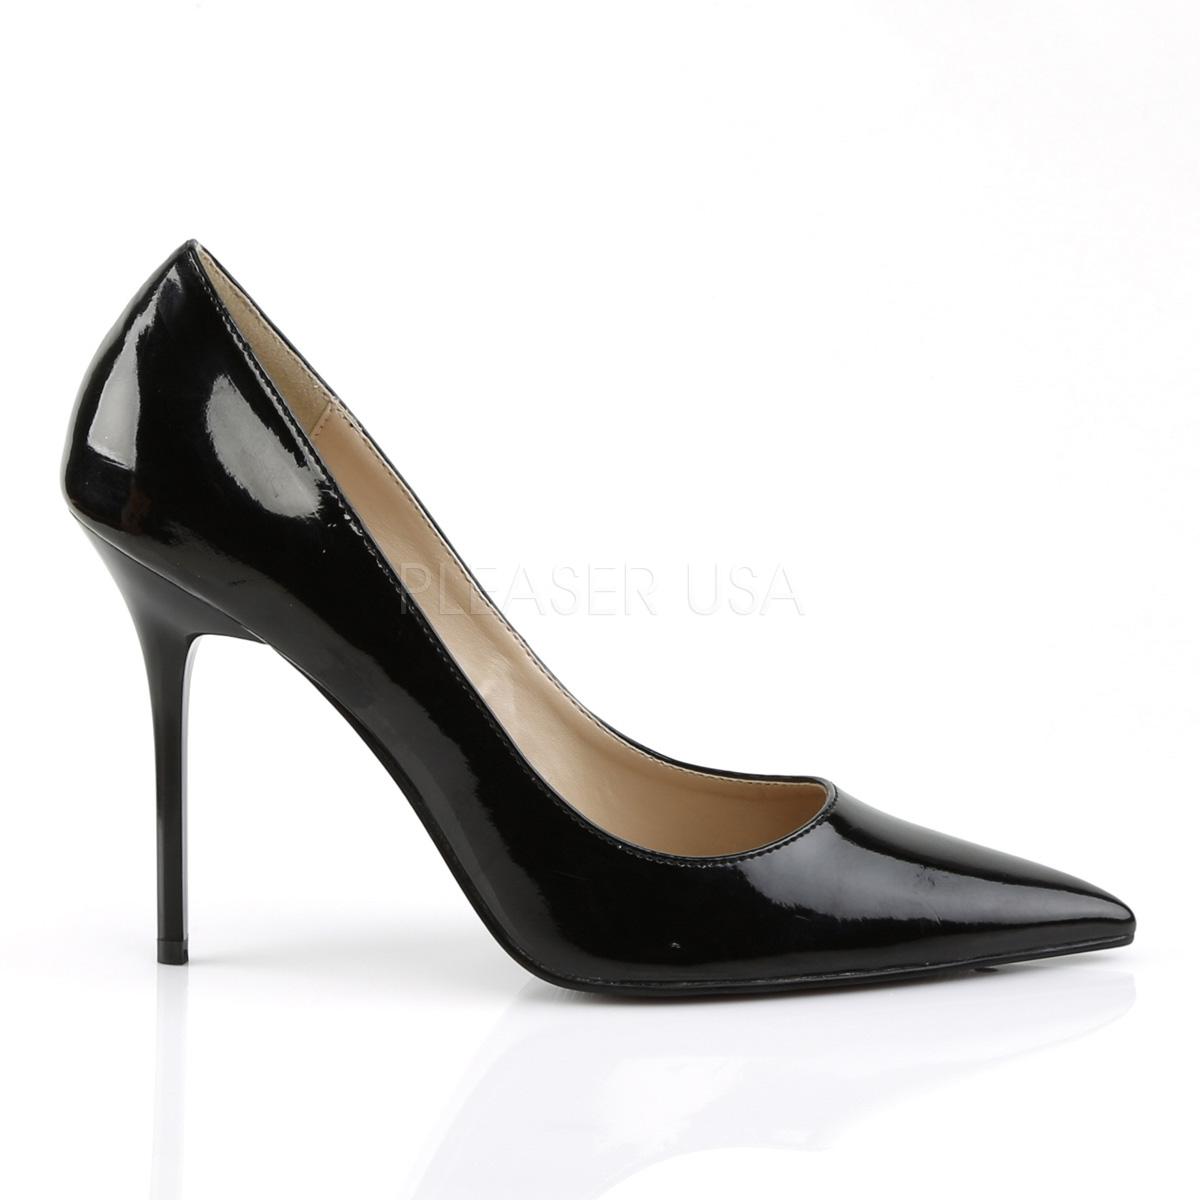 Pleaser(プリーザー) ポインテッドトゥパンプス (レディース 靴) エナメル 黒 ハイヒール ピンヒール 大きいサイズ CLASSIQUE-20-BLKPAT